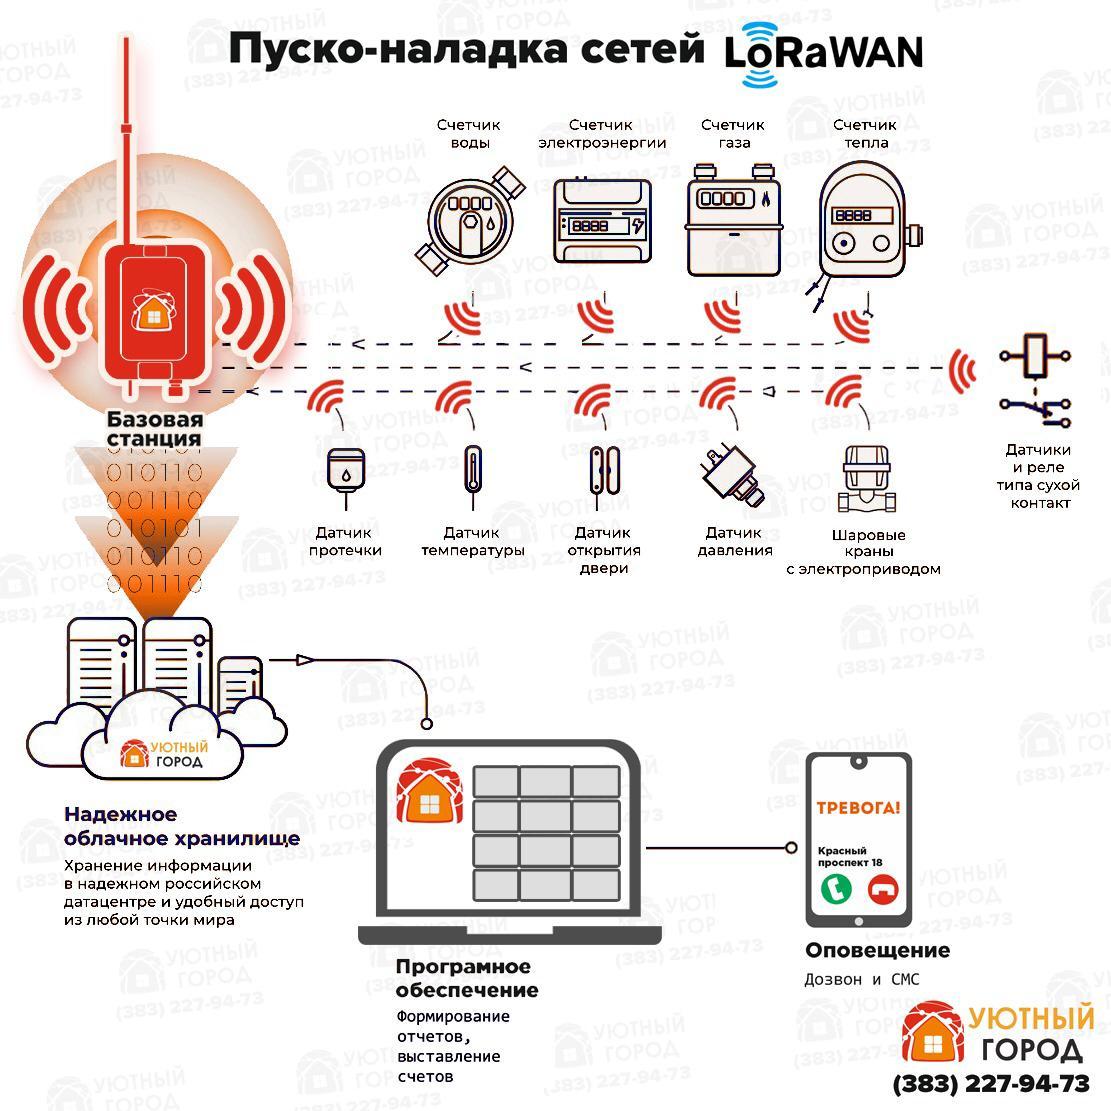 Пуско-наладка сетей LoRaWAN